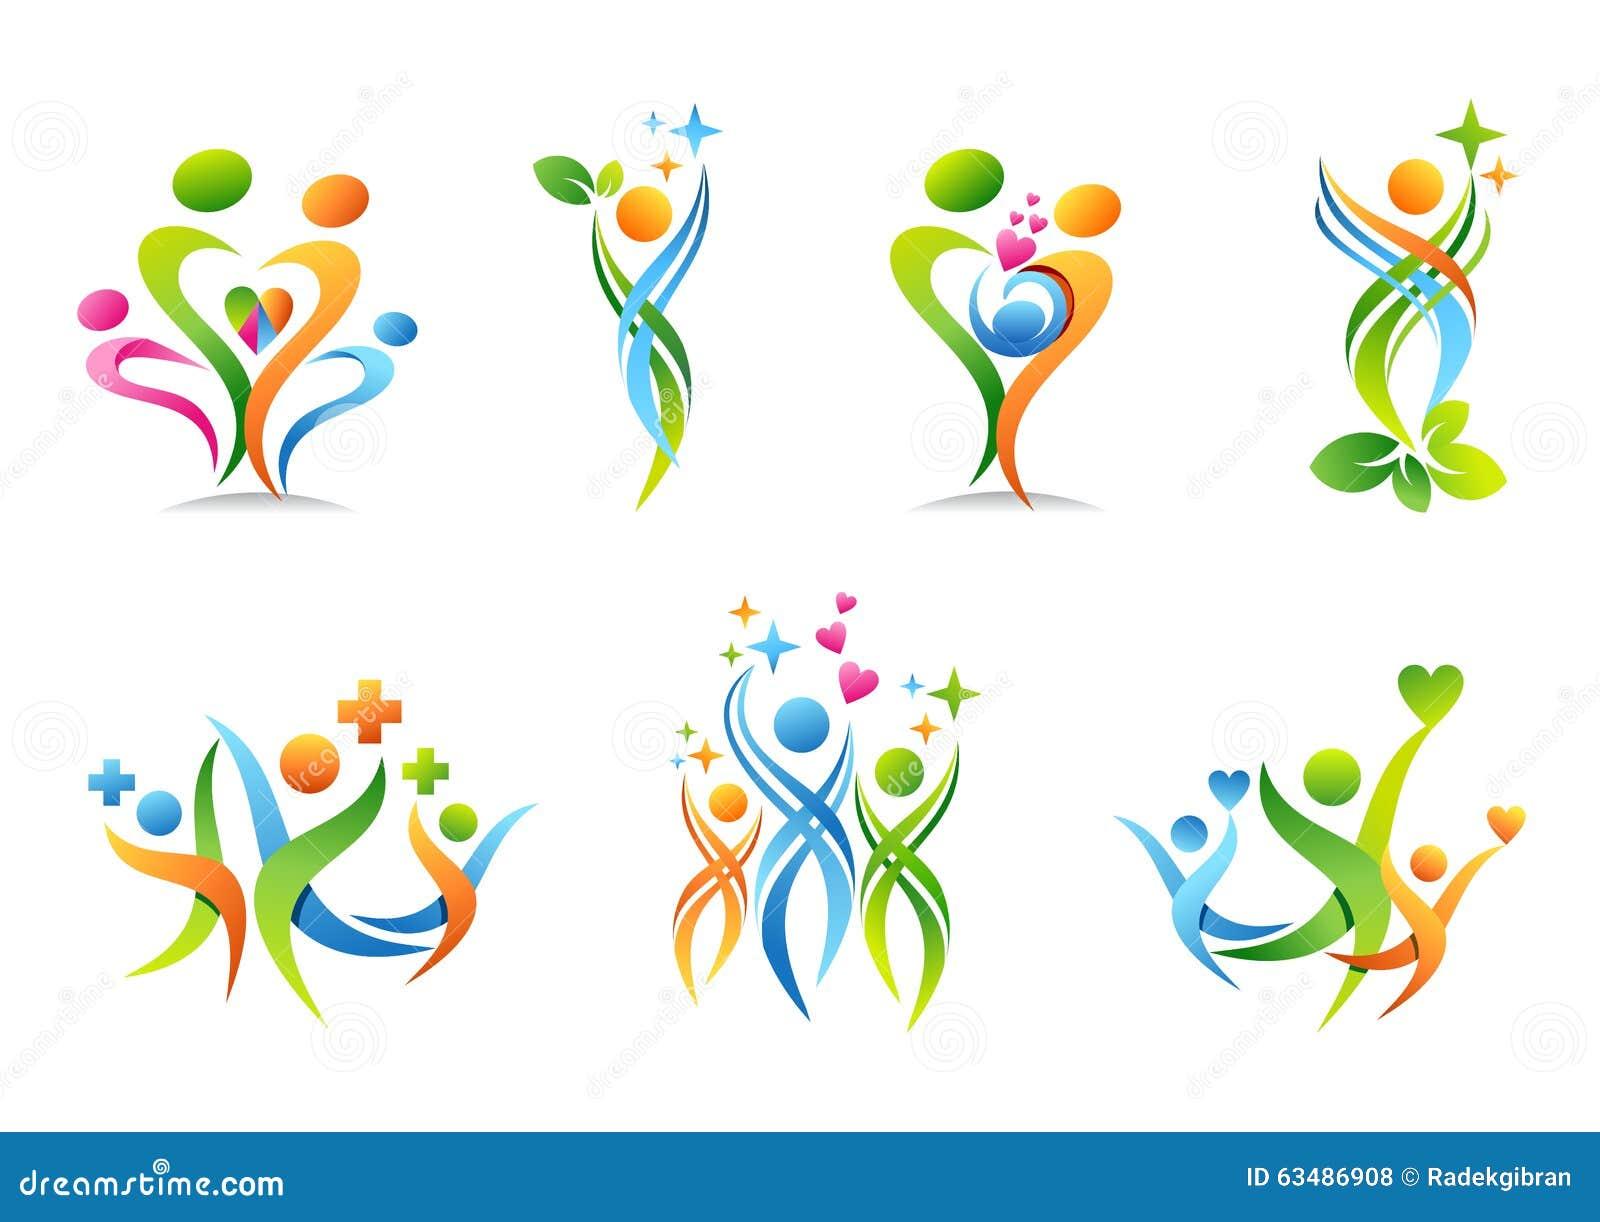 Familie, Elternteil, Gesundheit, Bildung, Logo, Parenting, Leute, Gesundheitswesensatz des Symbolikonen-Vektordesigns